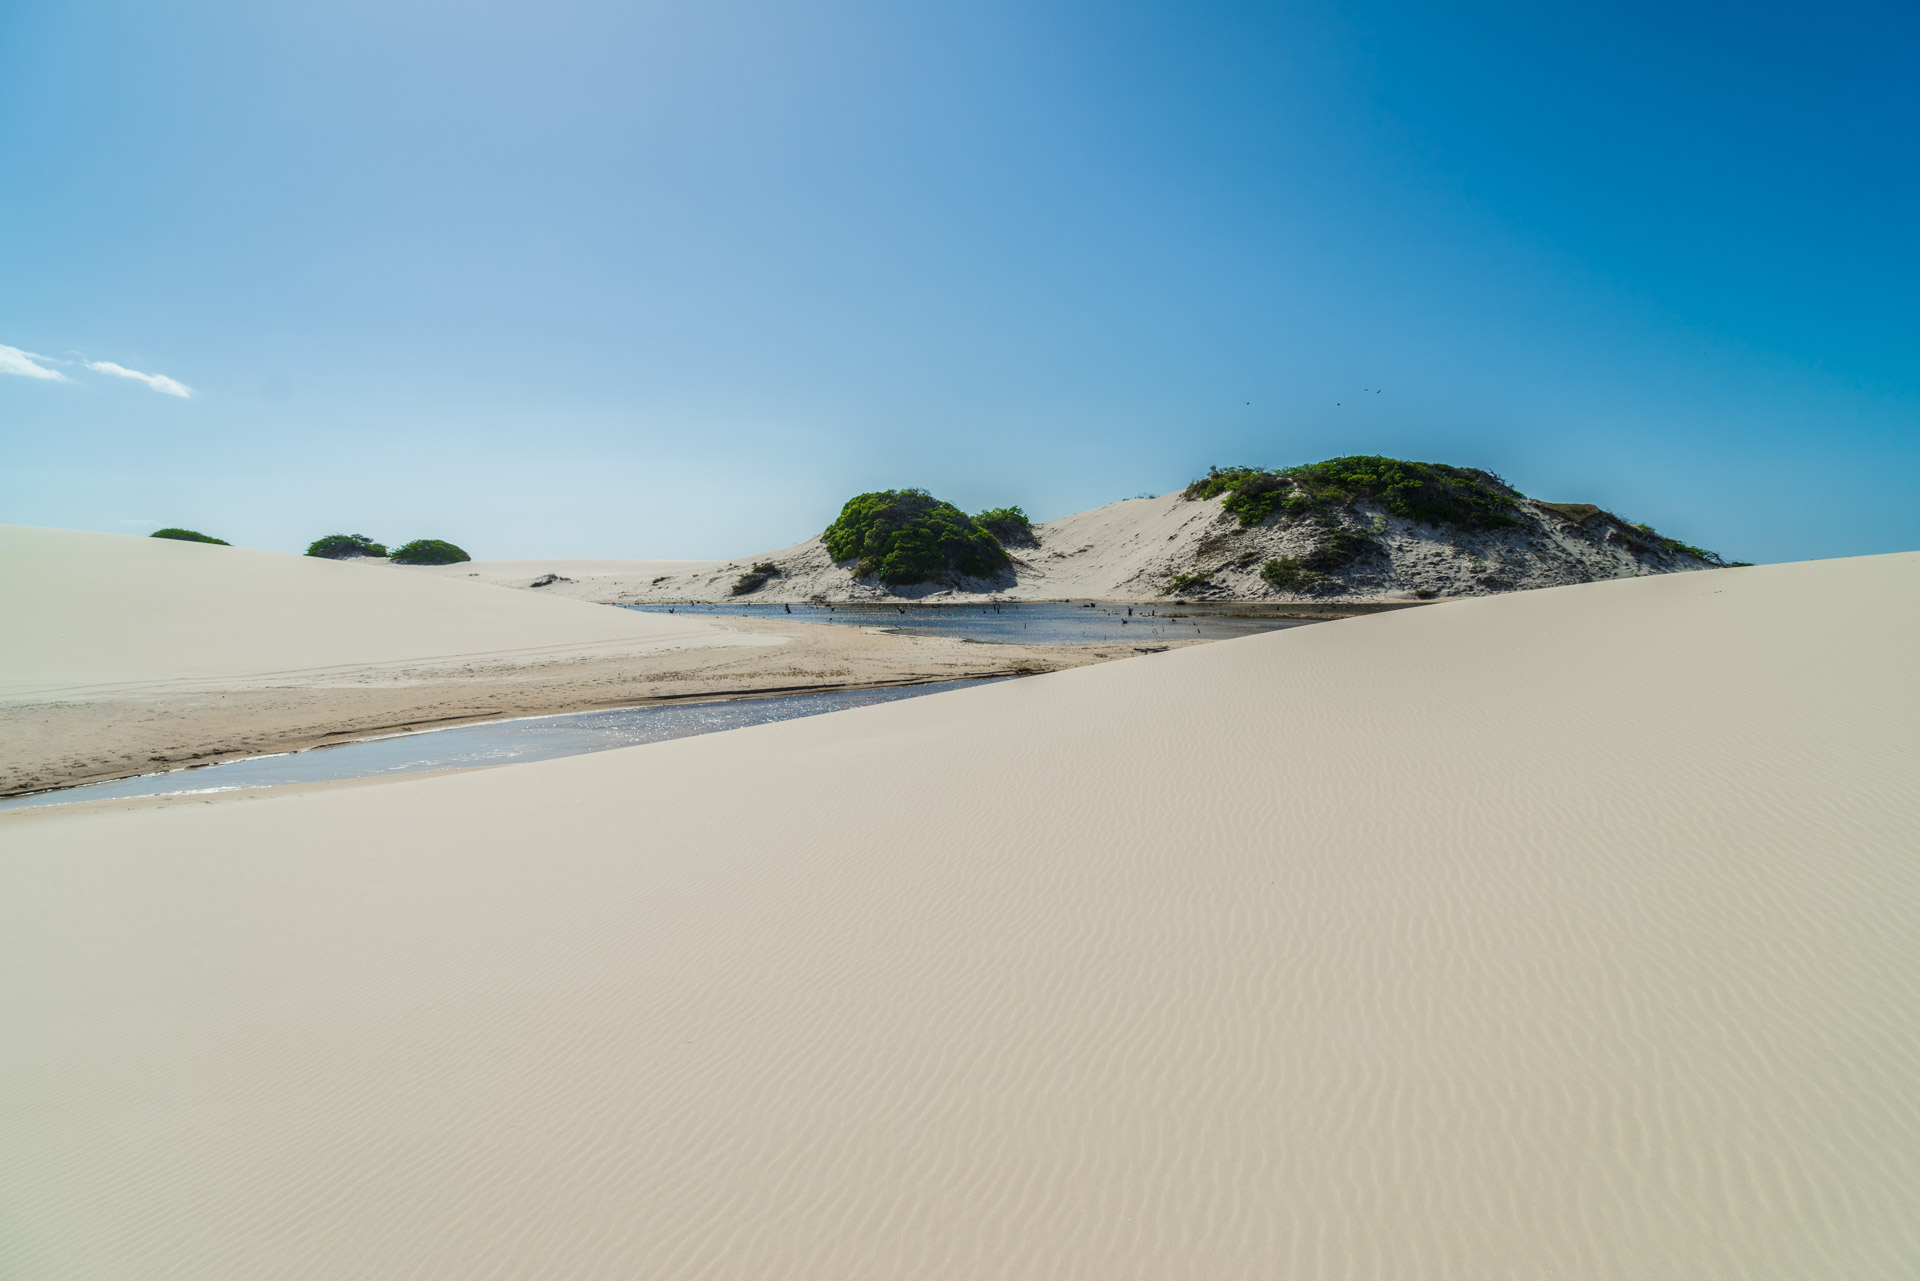 Lençóis Maranhenses National Park - Santo Amaro 1